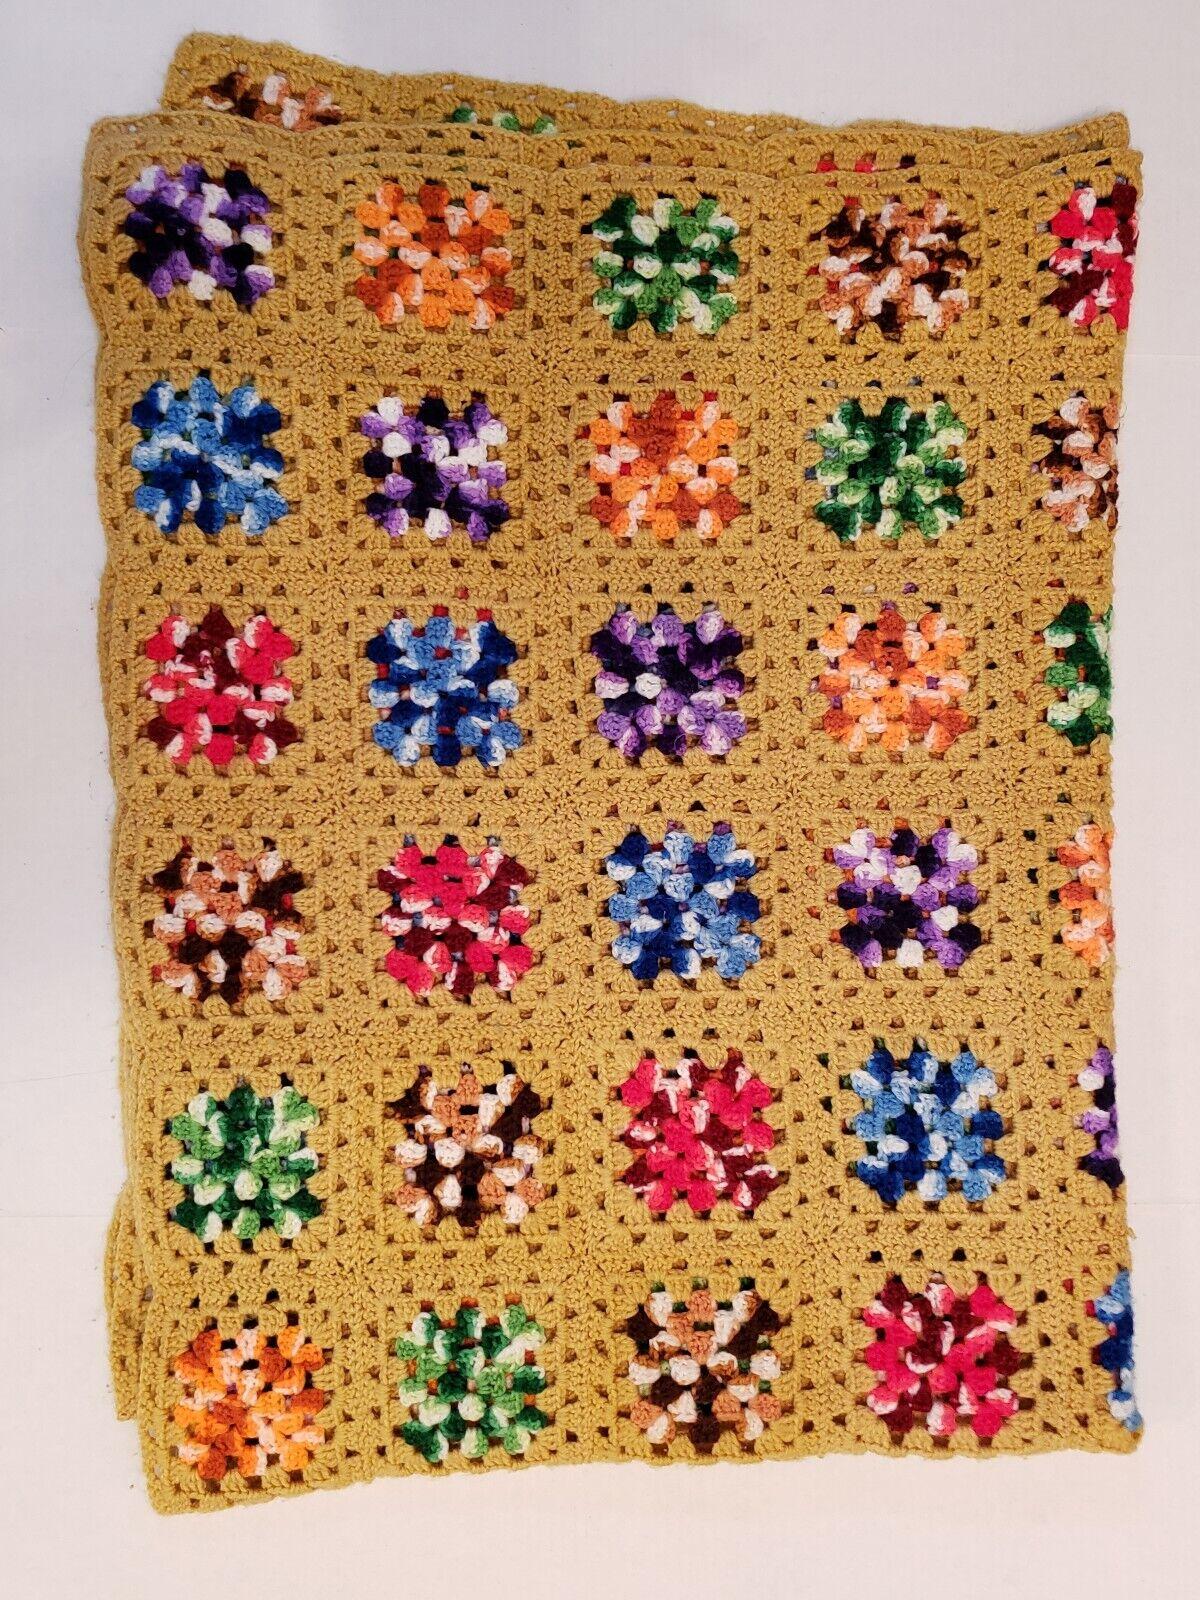 Vintage Hand Knit Granny Lap Couverture MultiCouleure 1970 s Squares Rétro 5 x 6